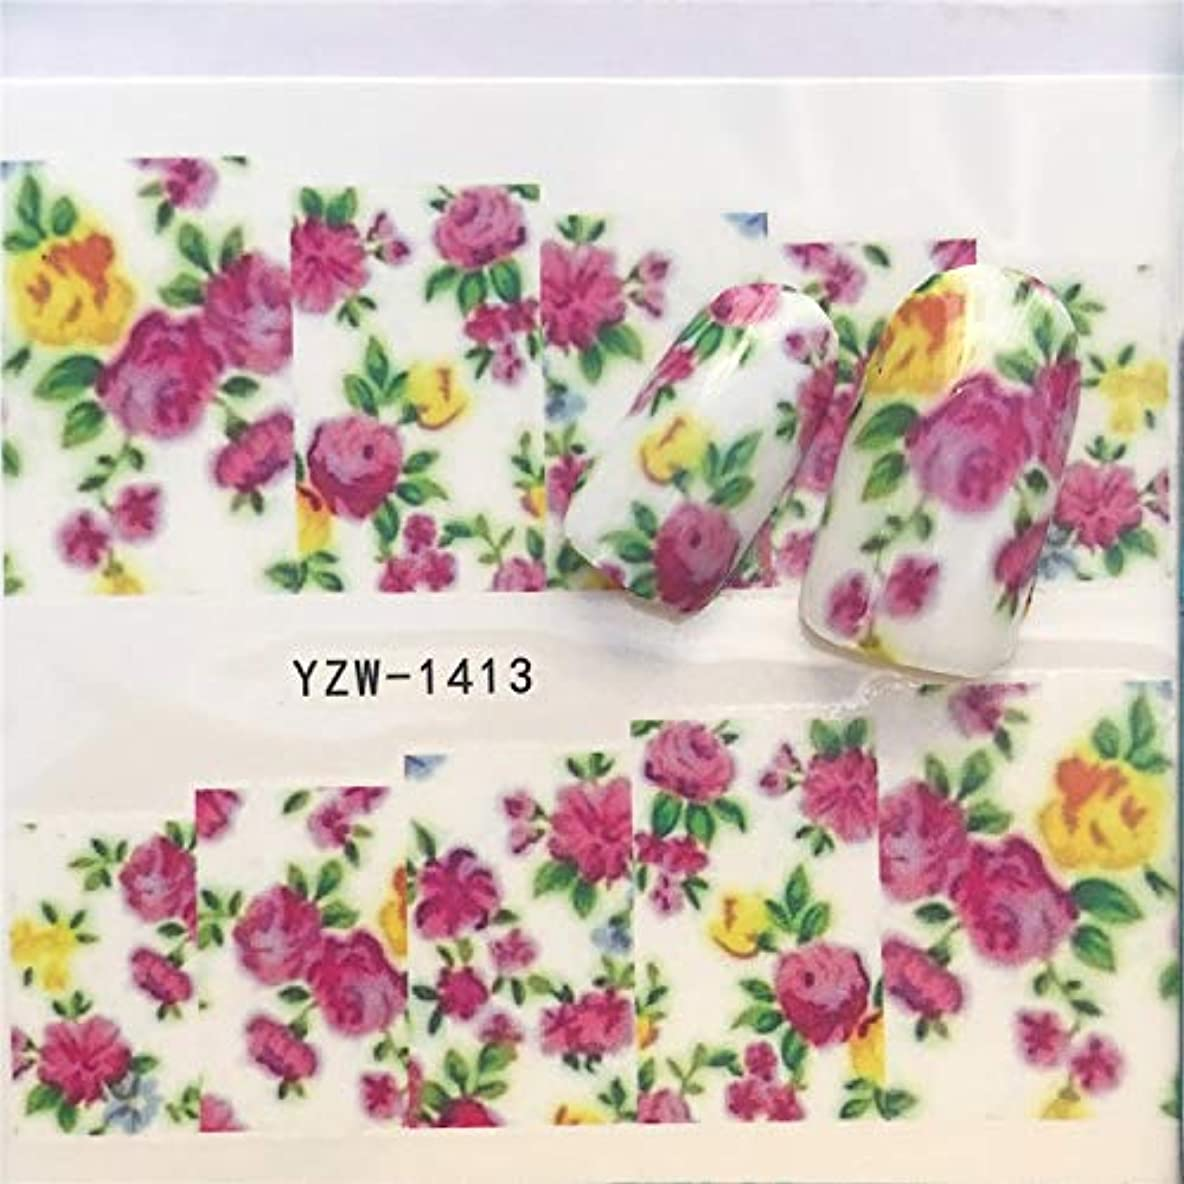 犯罪入射伝染病Yan 3個ネイルステッカーセットデカール水転写スライダーネイルアートデコレーション、色:YZW 1413